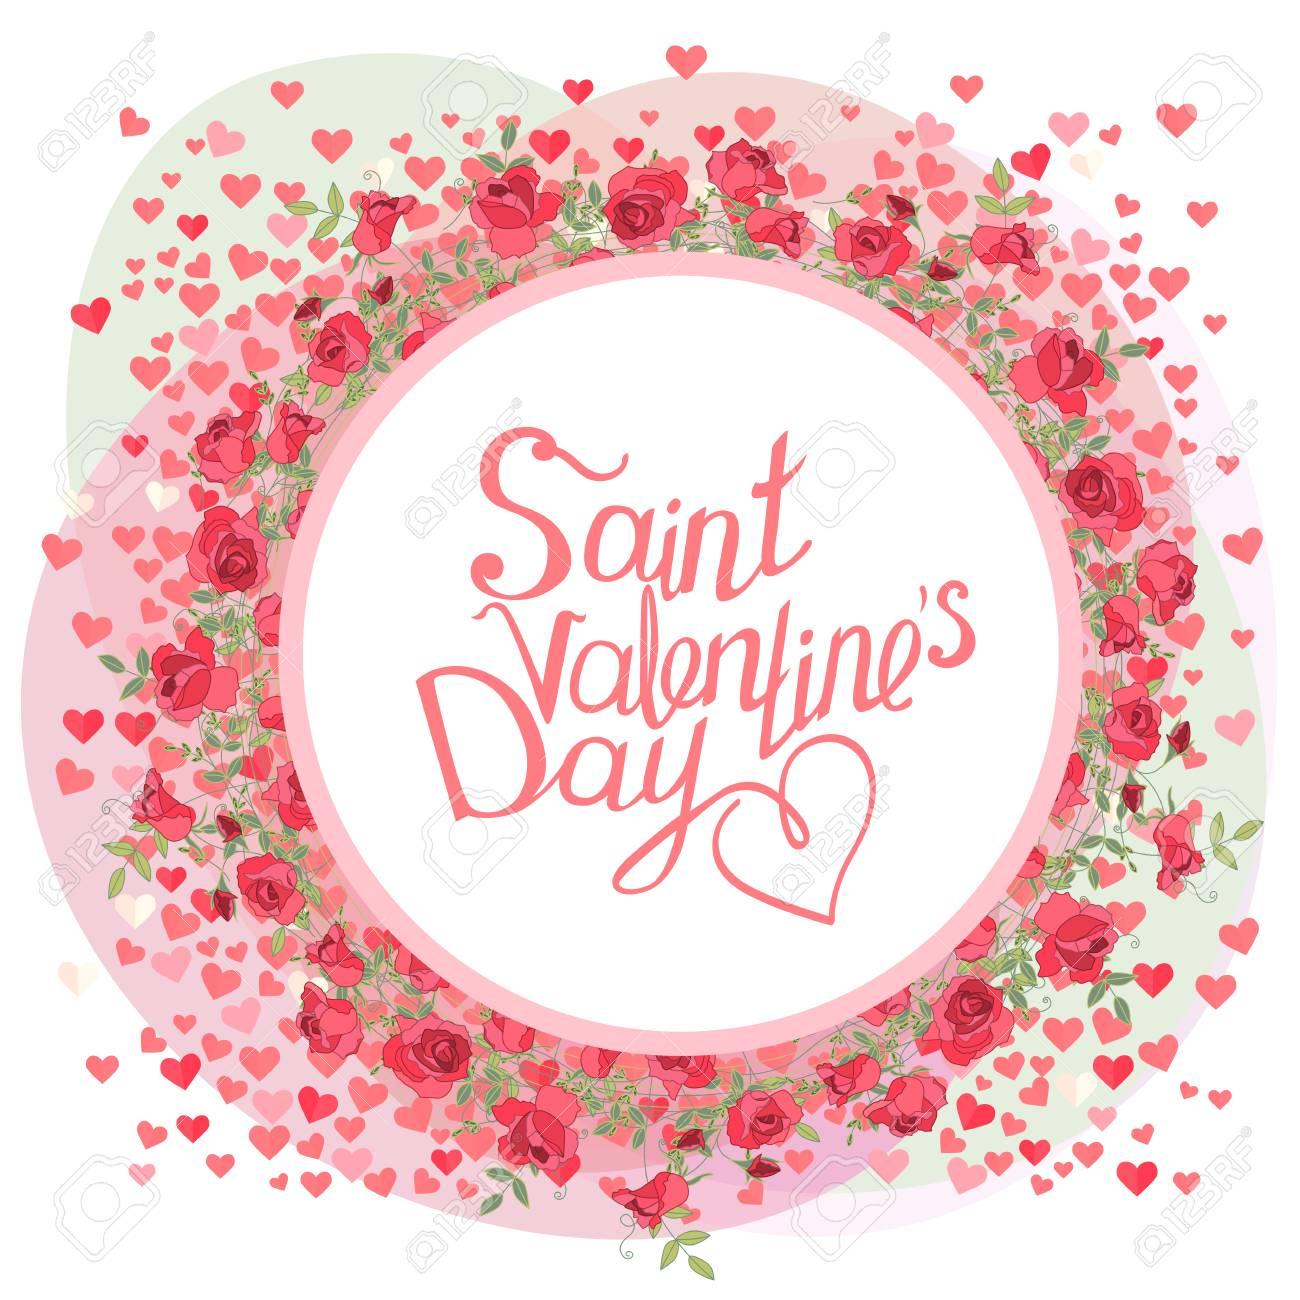 Marco Redondo Con Flores Y Frase De Caligrafía San Valentín Color Rojo Y Rosa Para El Diseño Romántico Anuncios